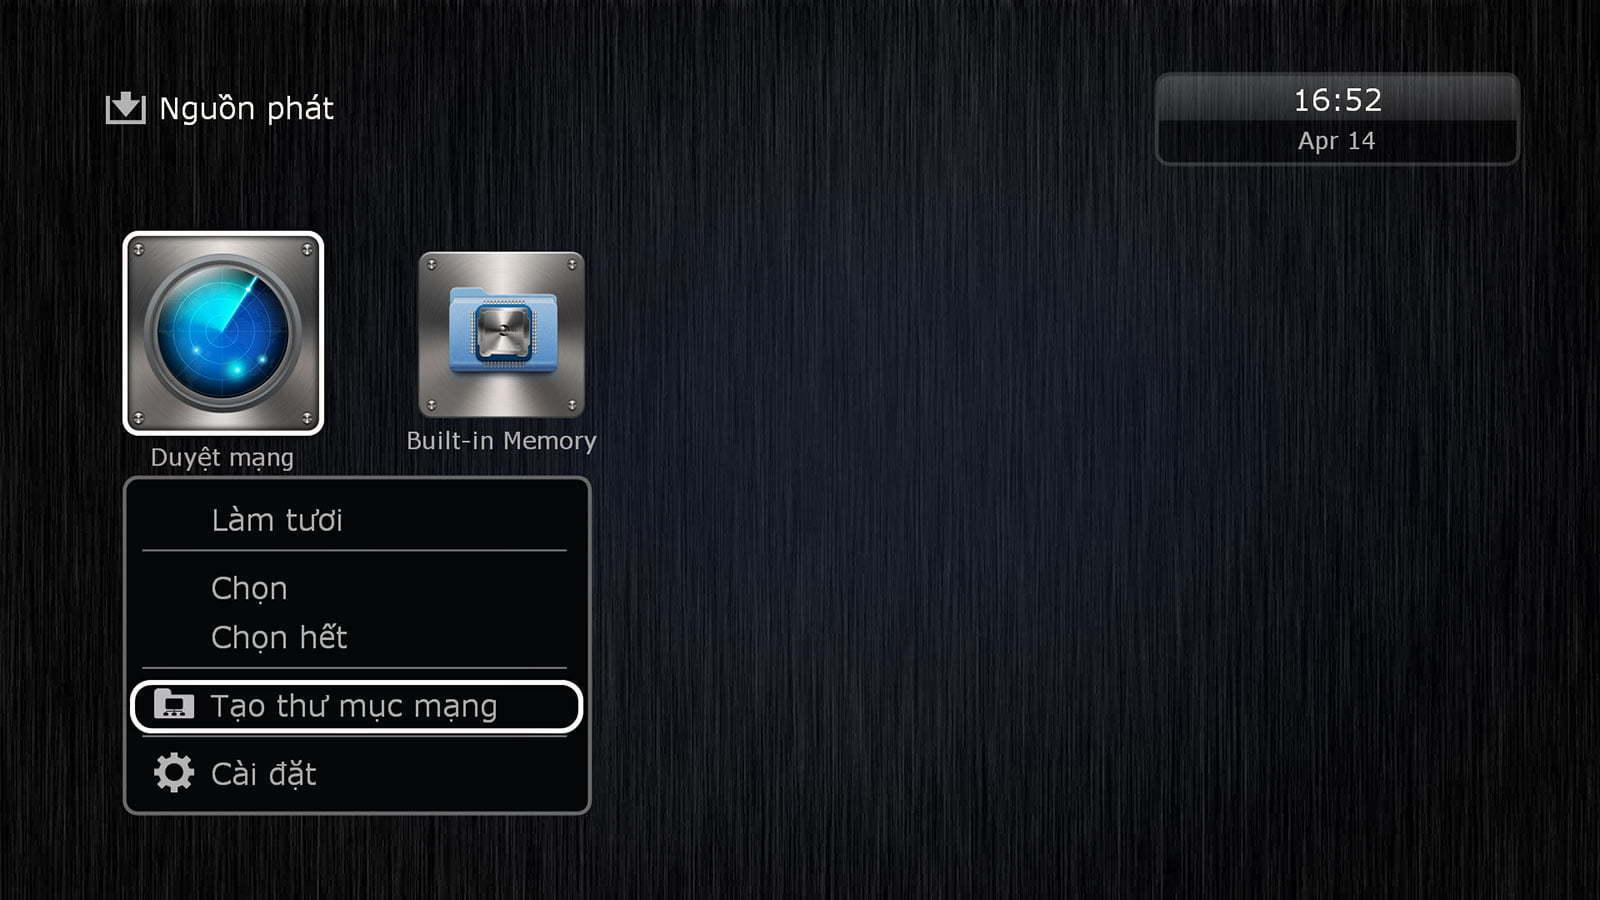 Hướng dẫn kết nối đầu Dune HD tới ổ đĩa mạng | HDnew - Chia sẻ đam mê